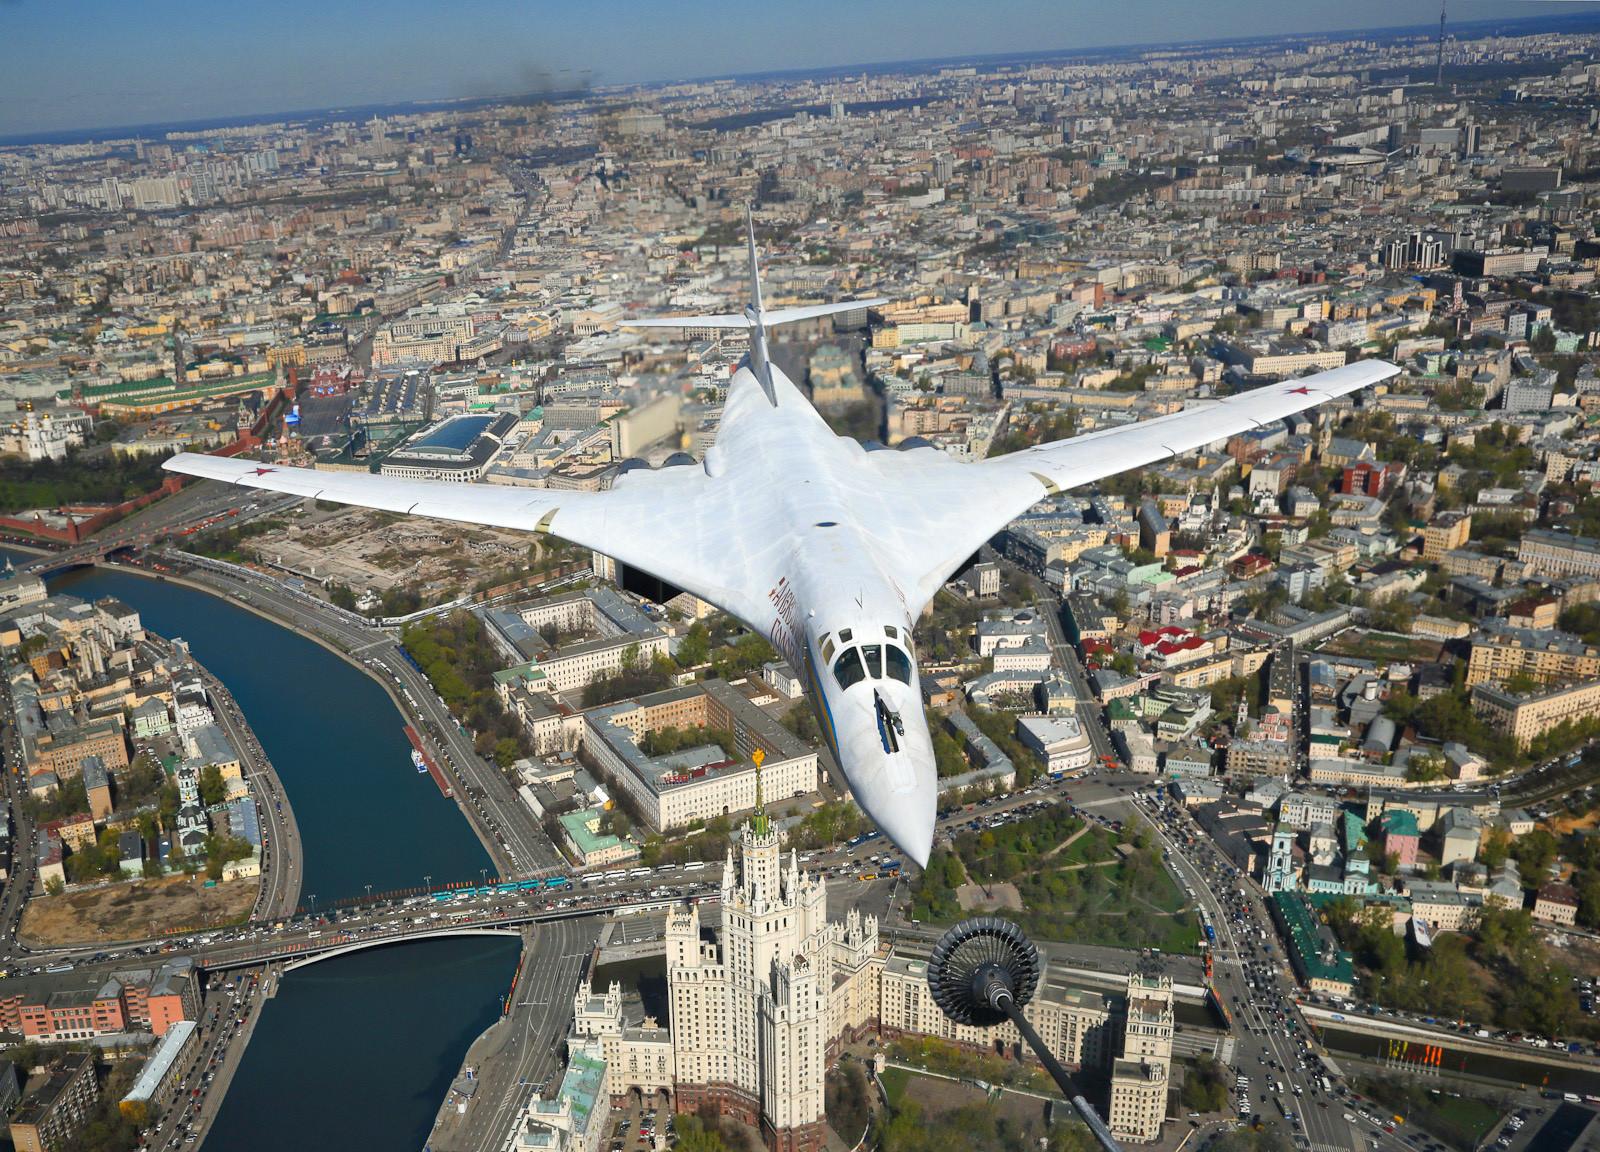 戦略爆撃機Tu-160、モスクワ上空にて